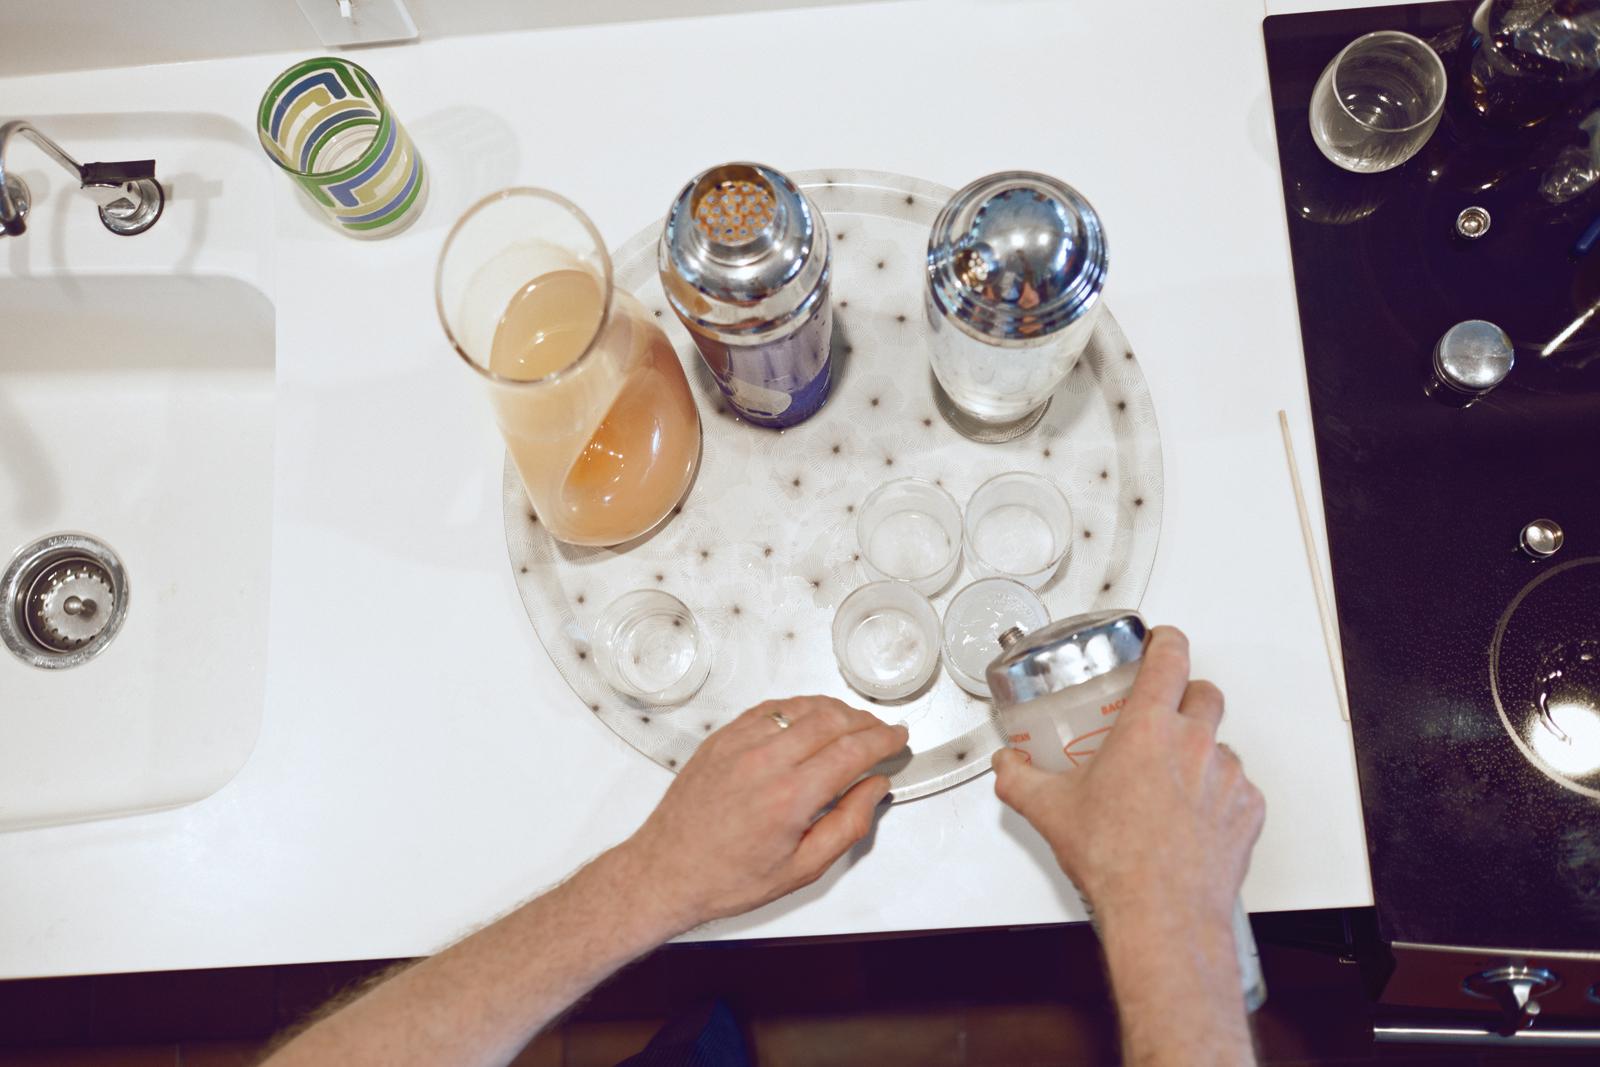 Host preparing cocktails